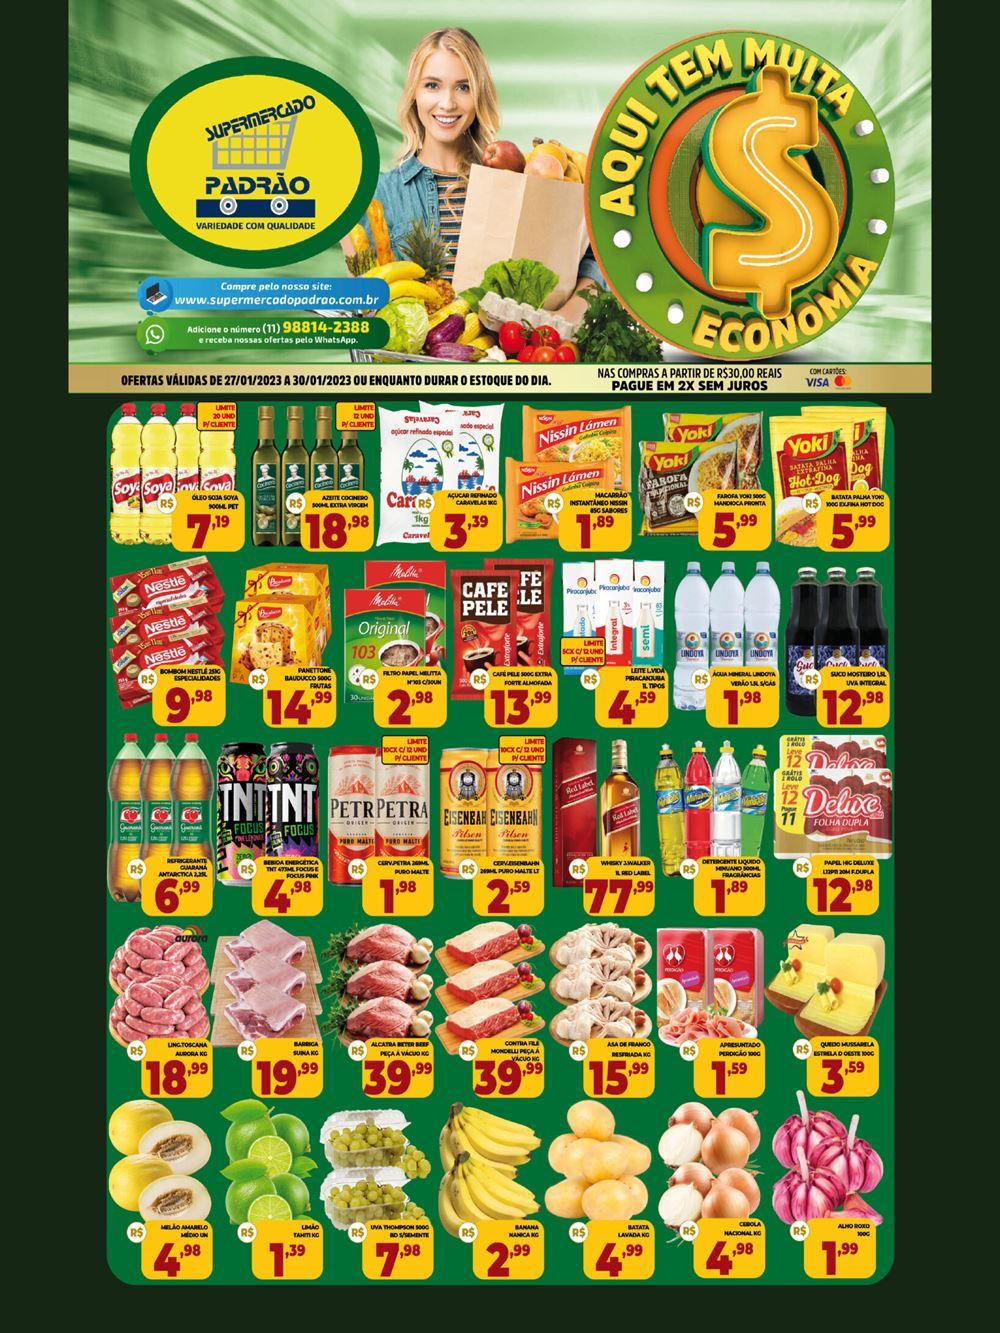 padrao-ofertas-descontos-hoje1-39 Ofertas de supermercados